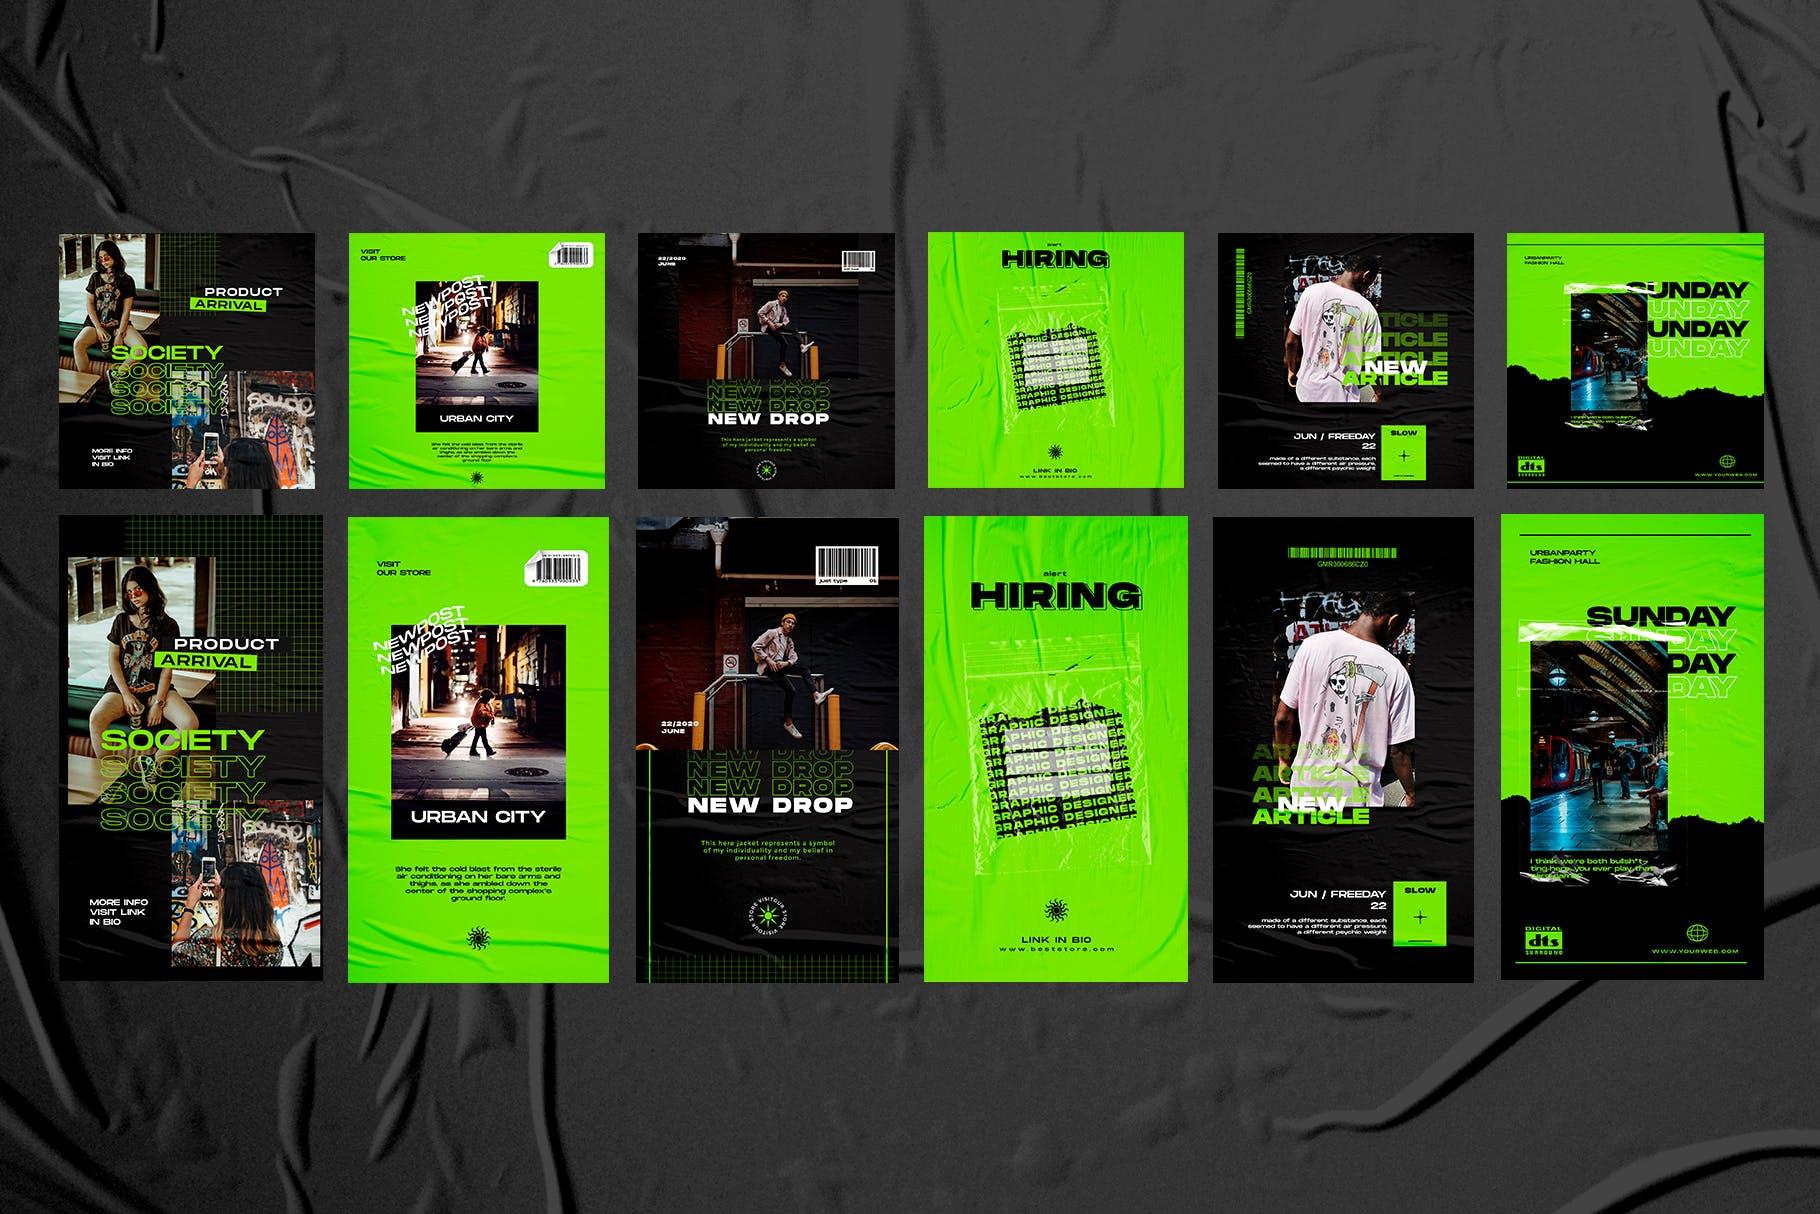 潮流品牌推广电商新媒体海报设计模板 Neon Urban – Instagram Template插图(4)